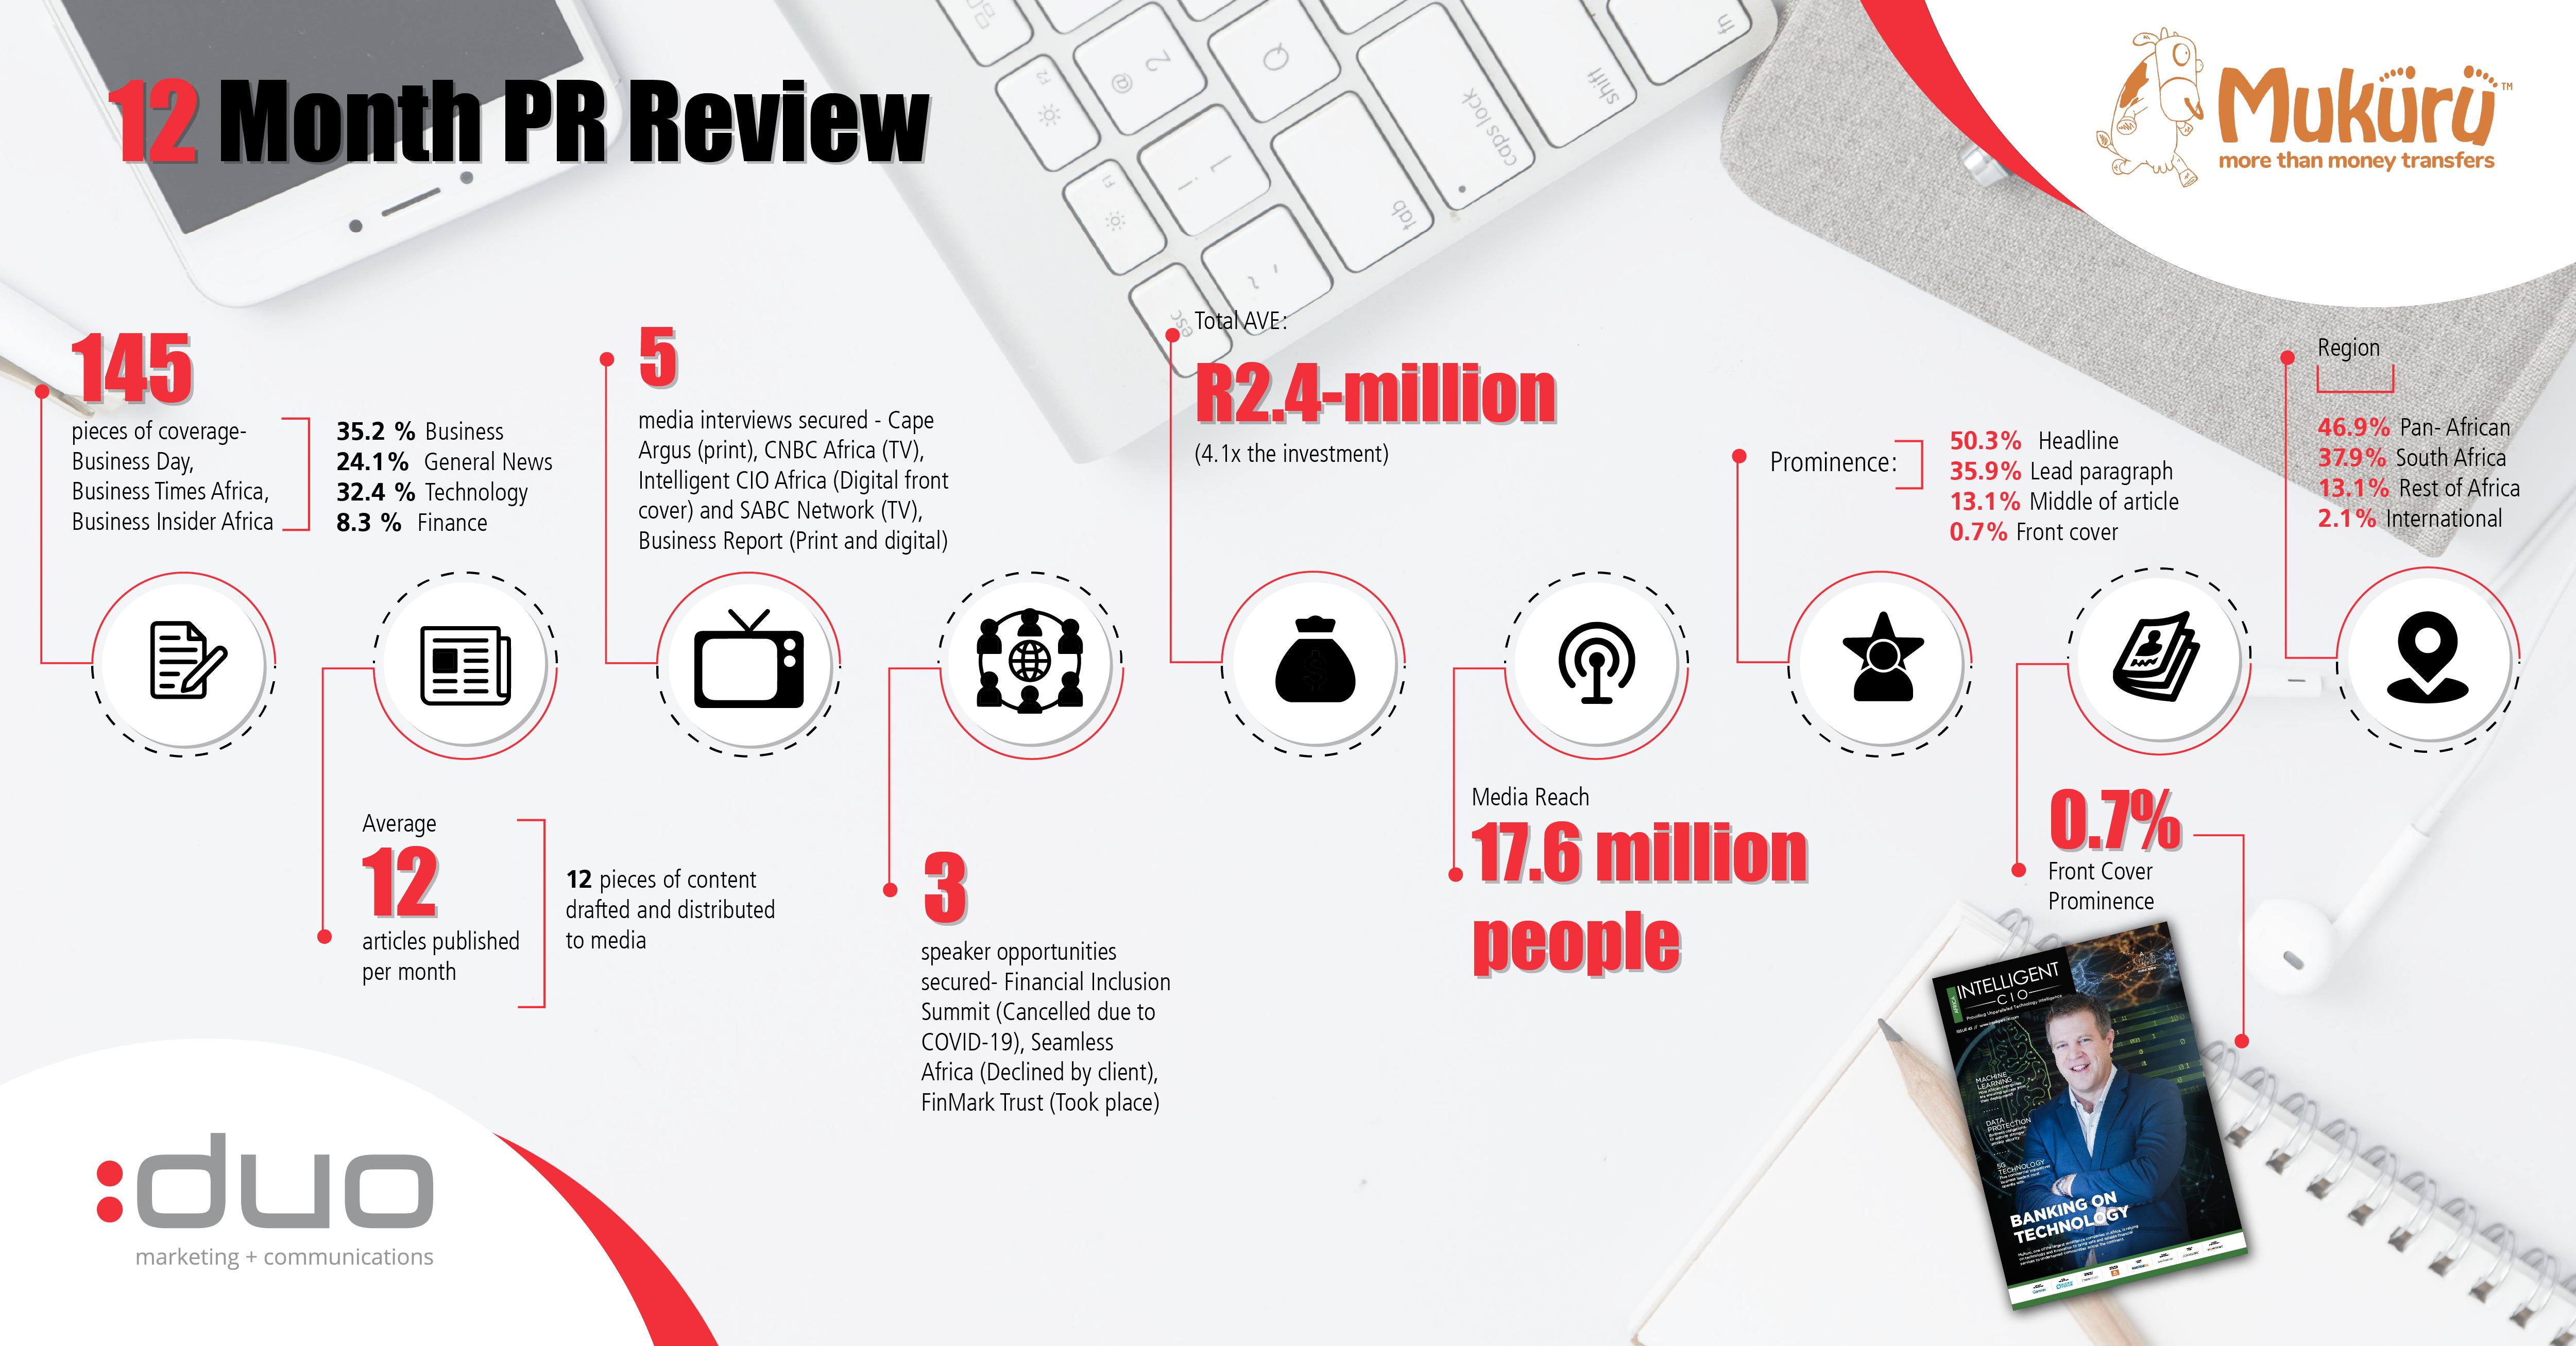 Mukuru annual review